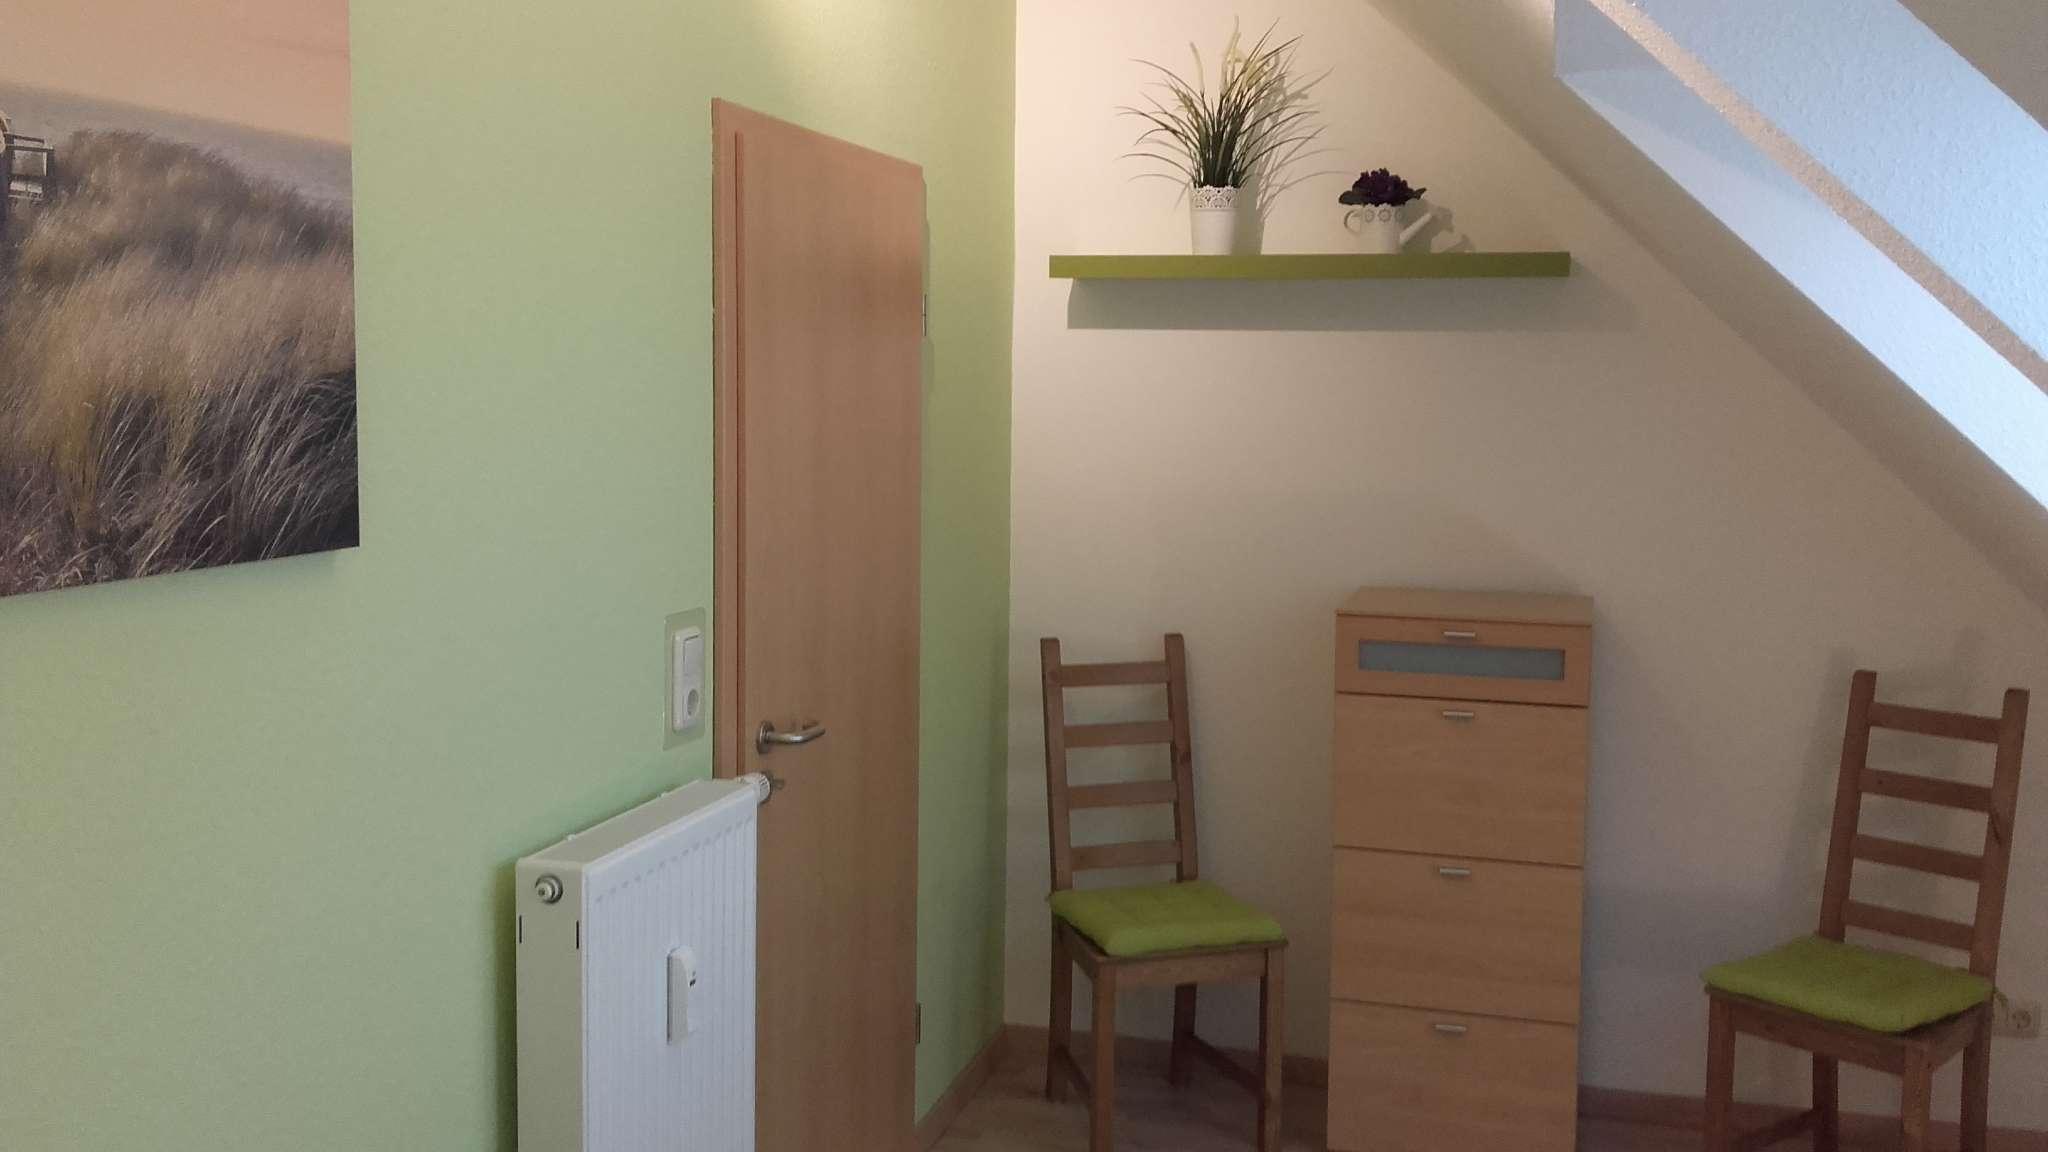 Schlafzimmer mit Doppelbett und Liege.